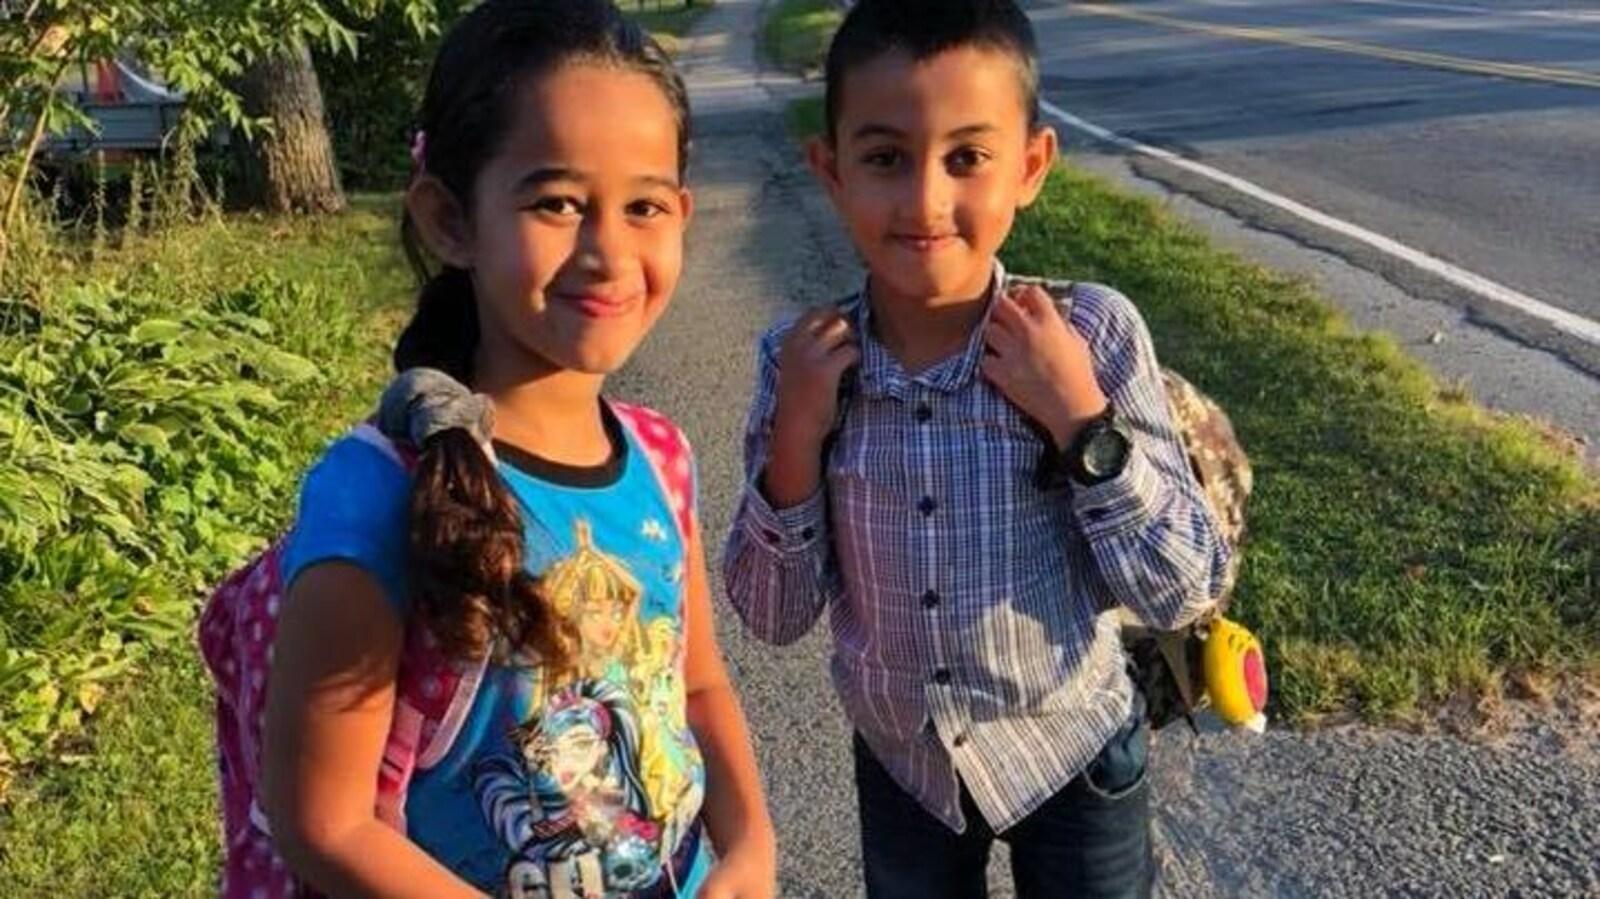 Les deux jeunes enfants de la famille Barho avec un sac à dos, sur le chemin de l'école.